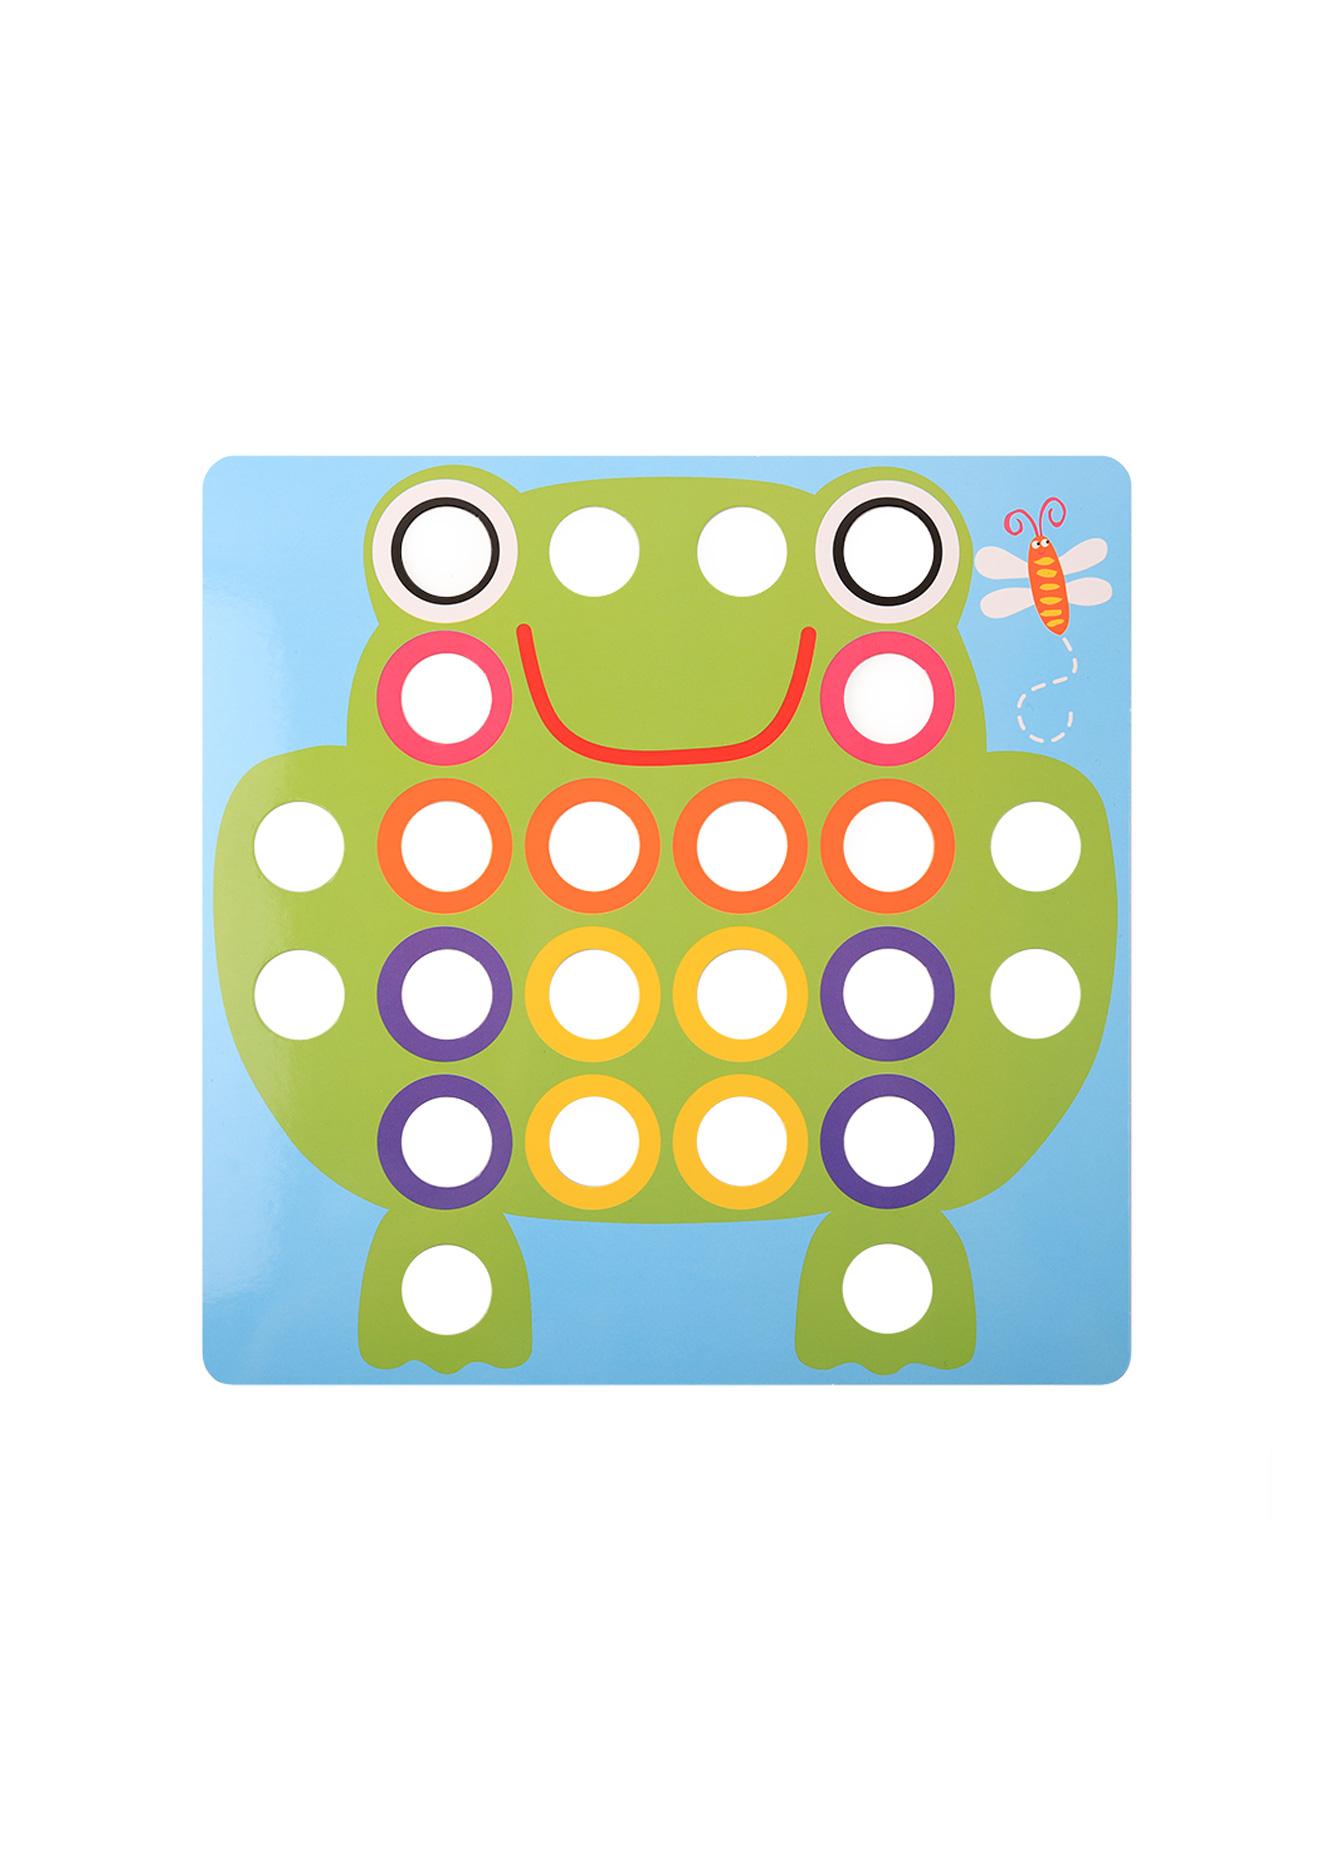 Купить Пазлы, Art-Puzzle 58 элементов, Happy baby, Китай, разноцветный